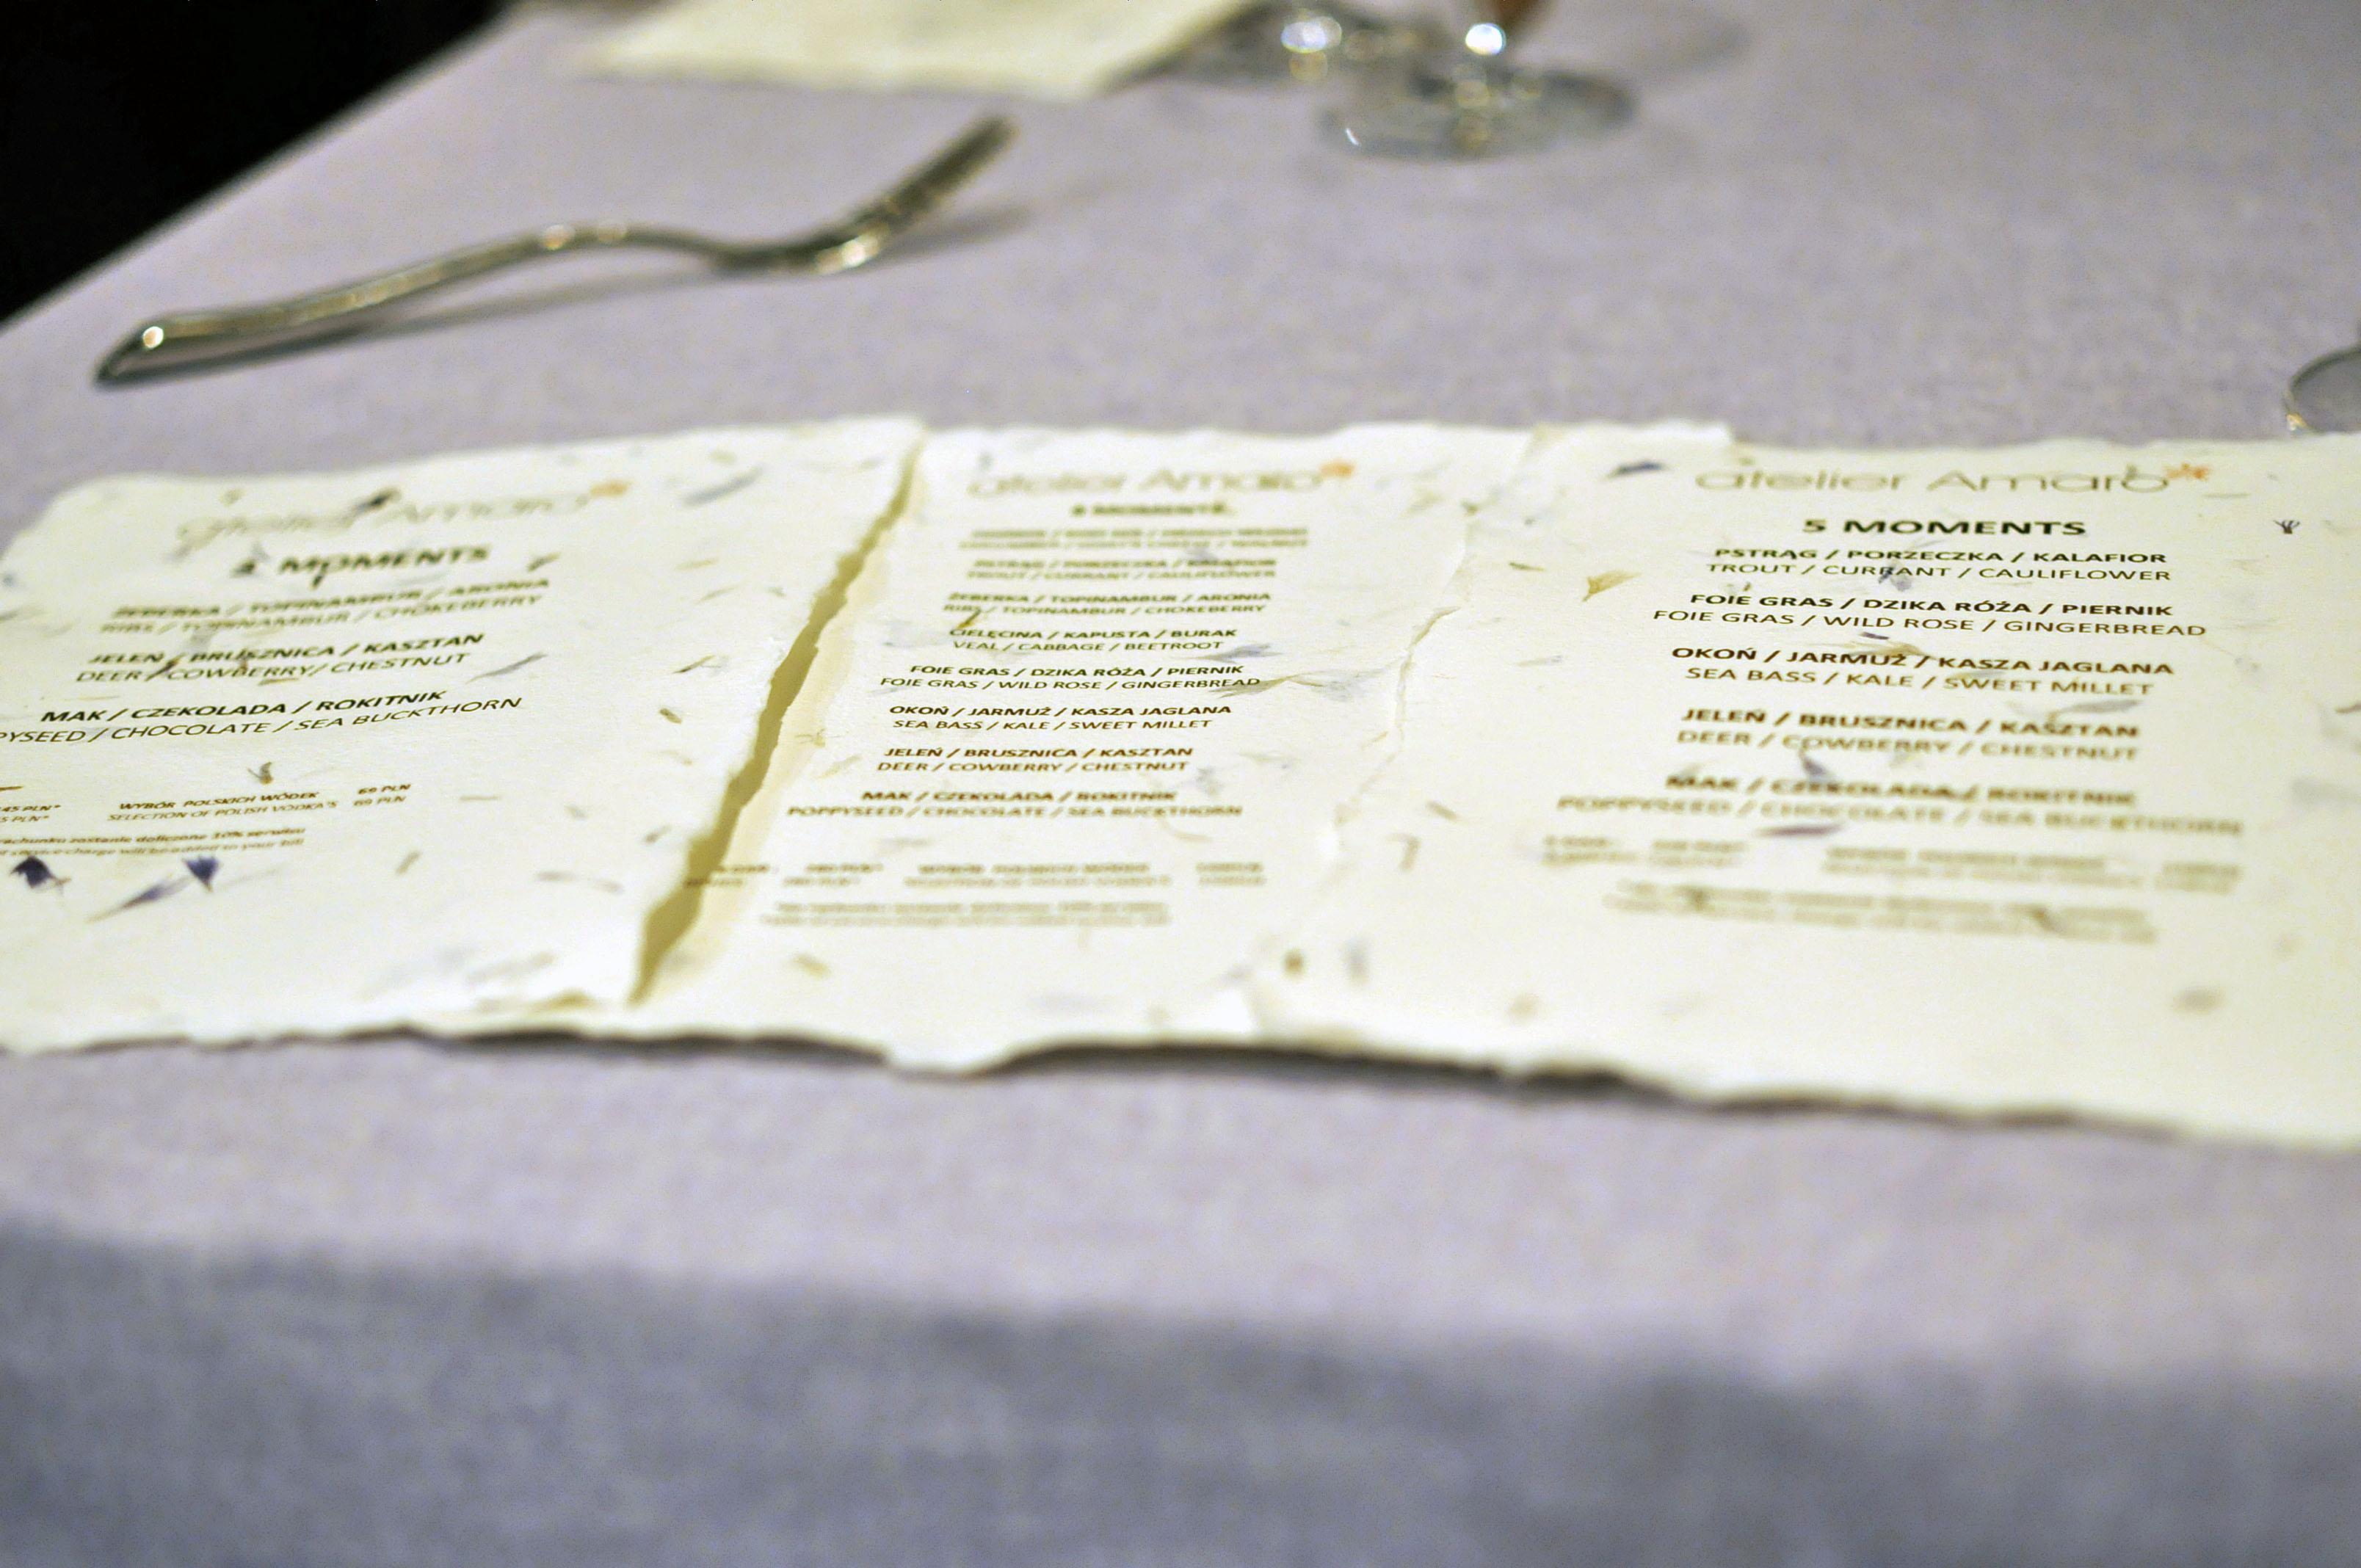 Kulinarny Spektakl W Atelier Amaro Recenzja Kulinarna Na Tasteaway Pl